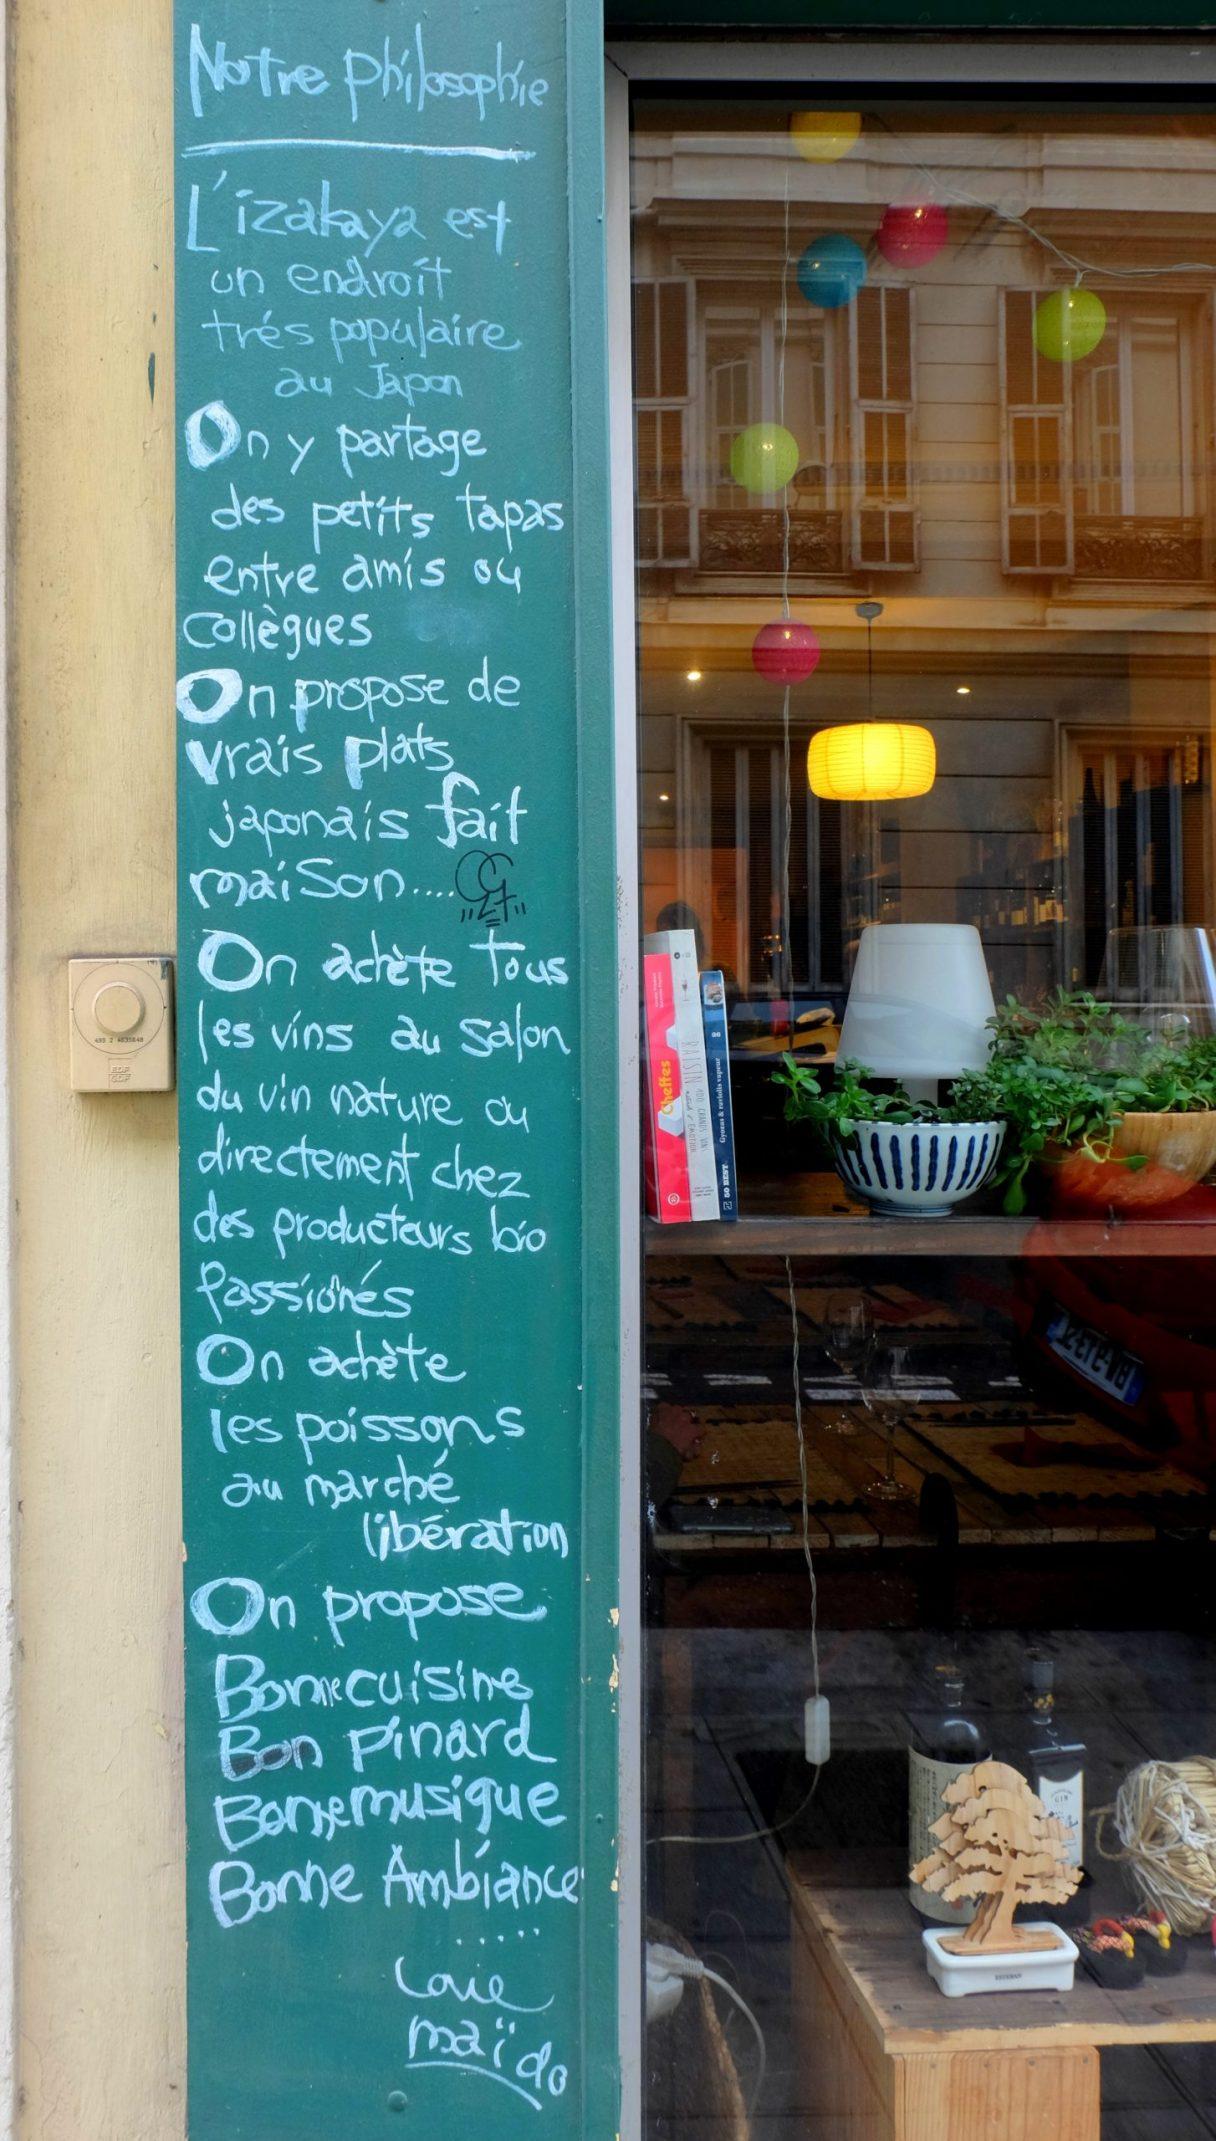 La philosophie du restaurant Maïdo